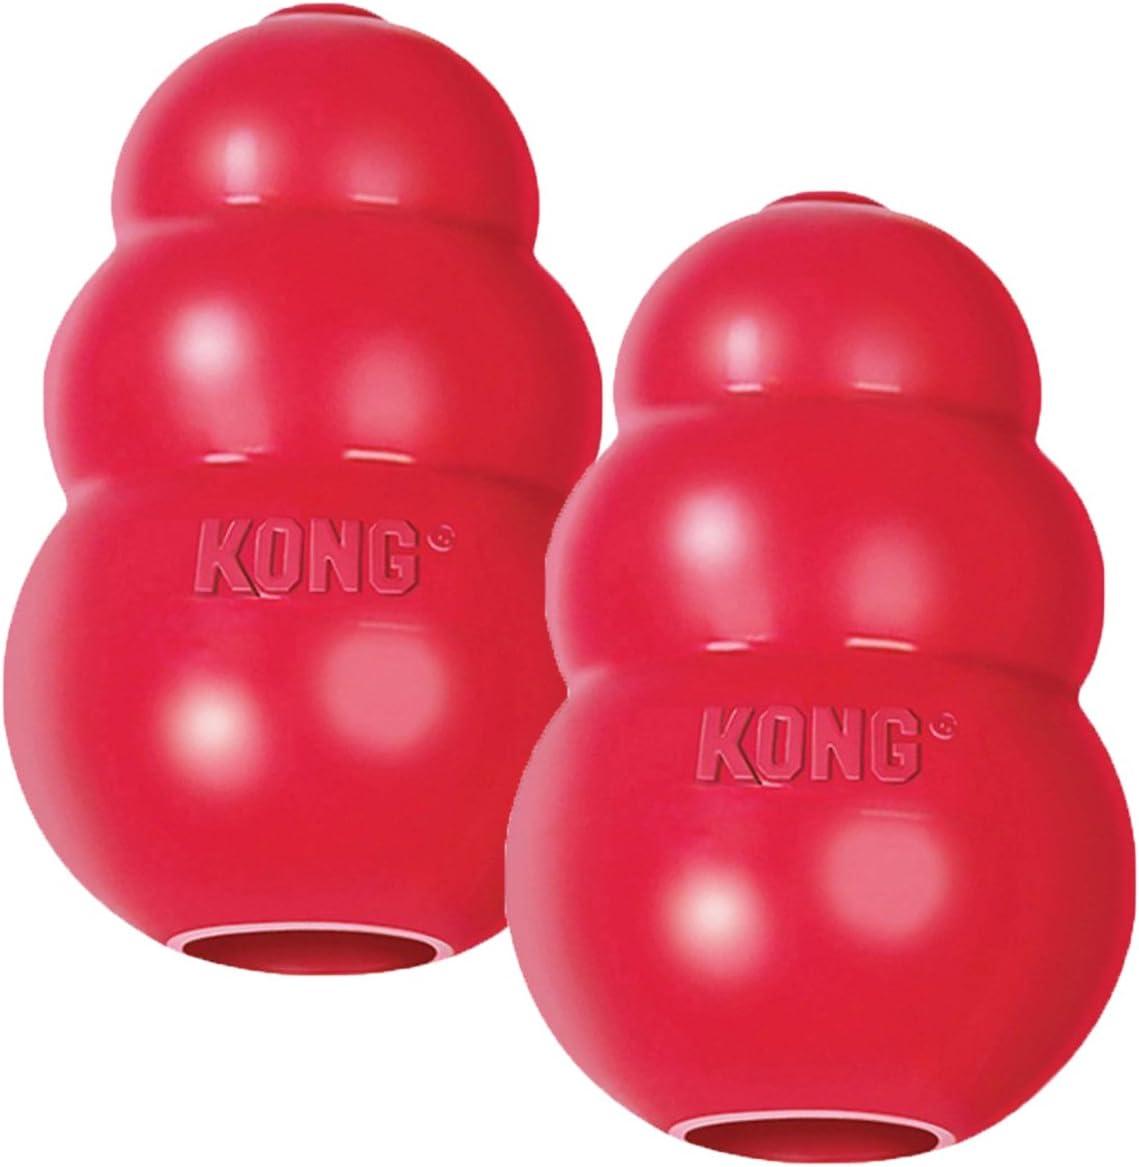 KONG Classic - Juguete para Perros (tamaño Mediano, 2 Unidades), Color Rojo